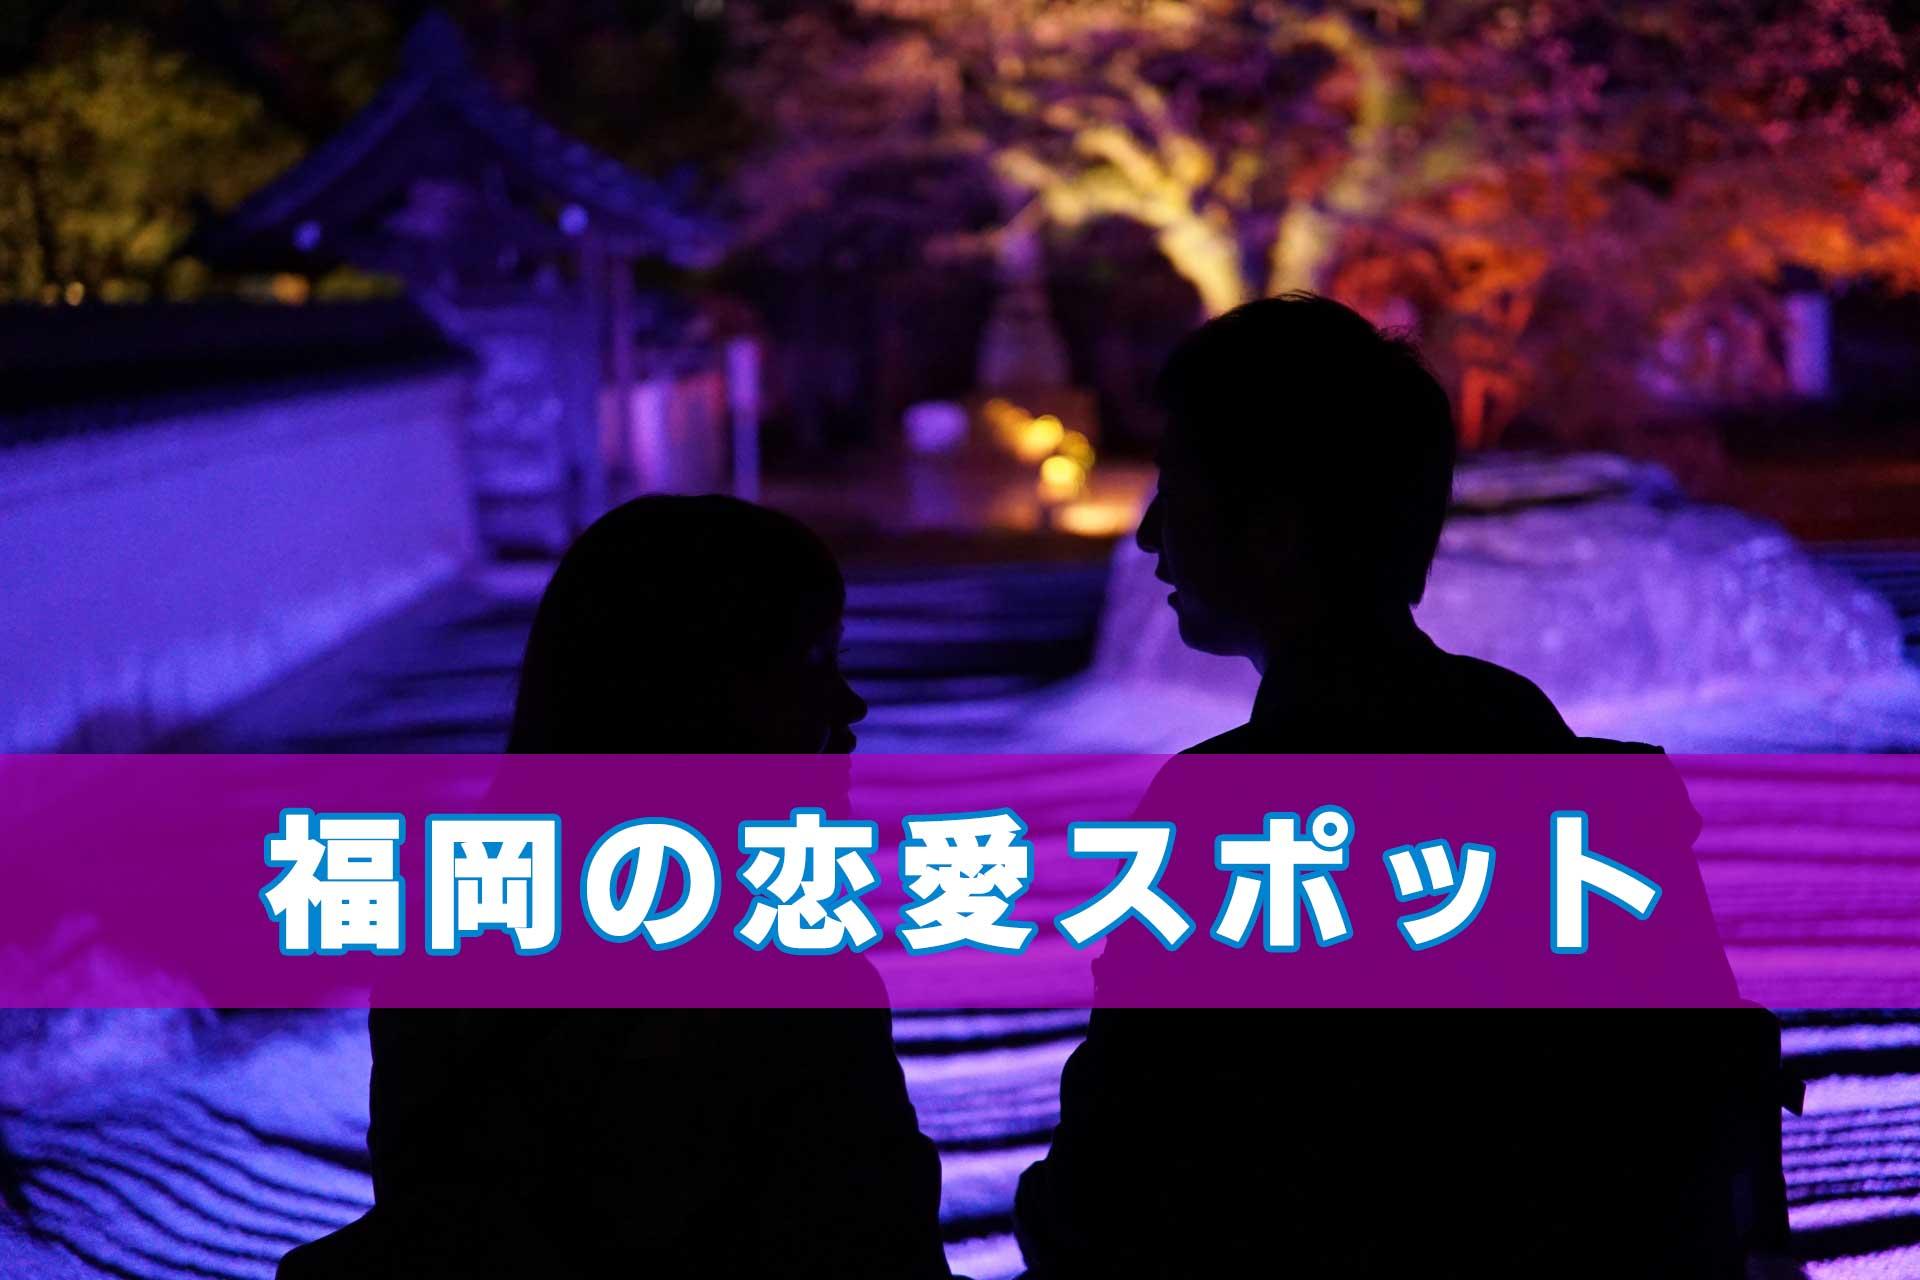 「福岡の恋愛スポット」と書かれたテキストとライトアップウォークで照らされたお寺